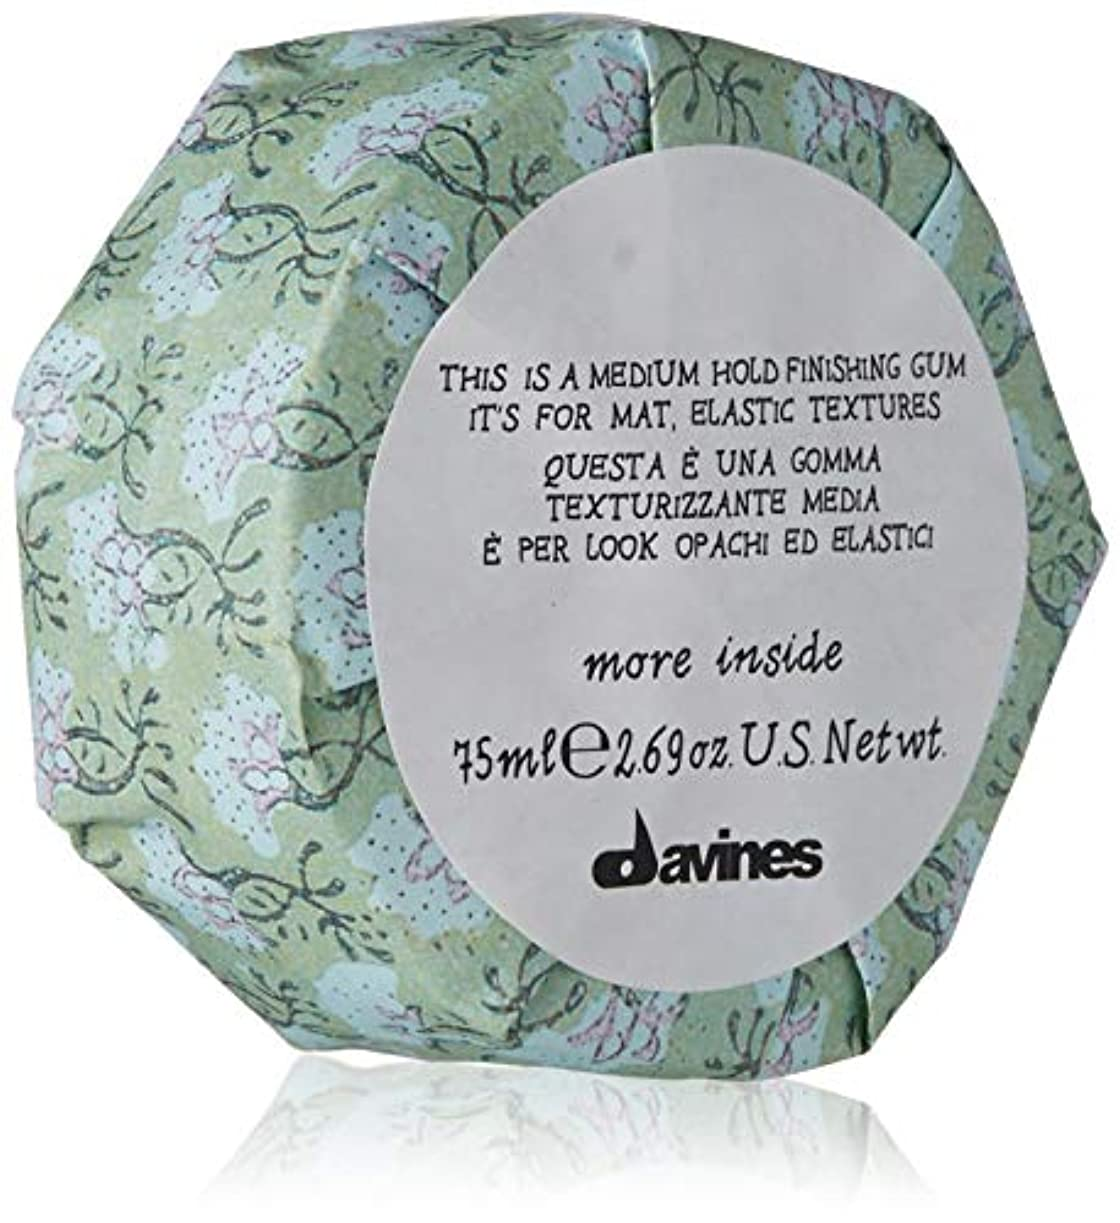 ボーダー民主主義感じダヴィネス More Inside This Is A Medium Hold Finishing Gum (For Mat, Elastic Textures) 75ml/2.69oz並行輸入品